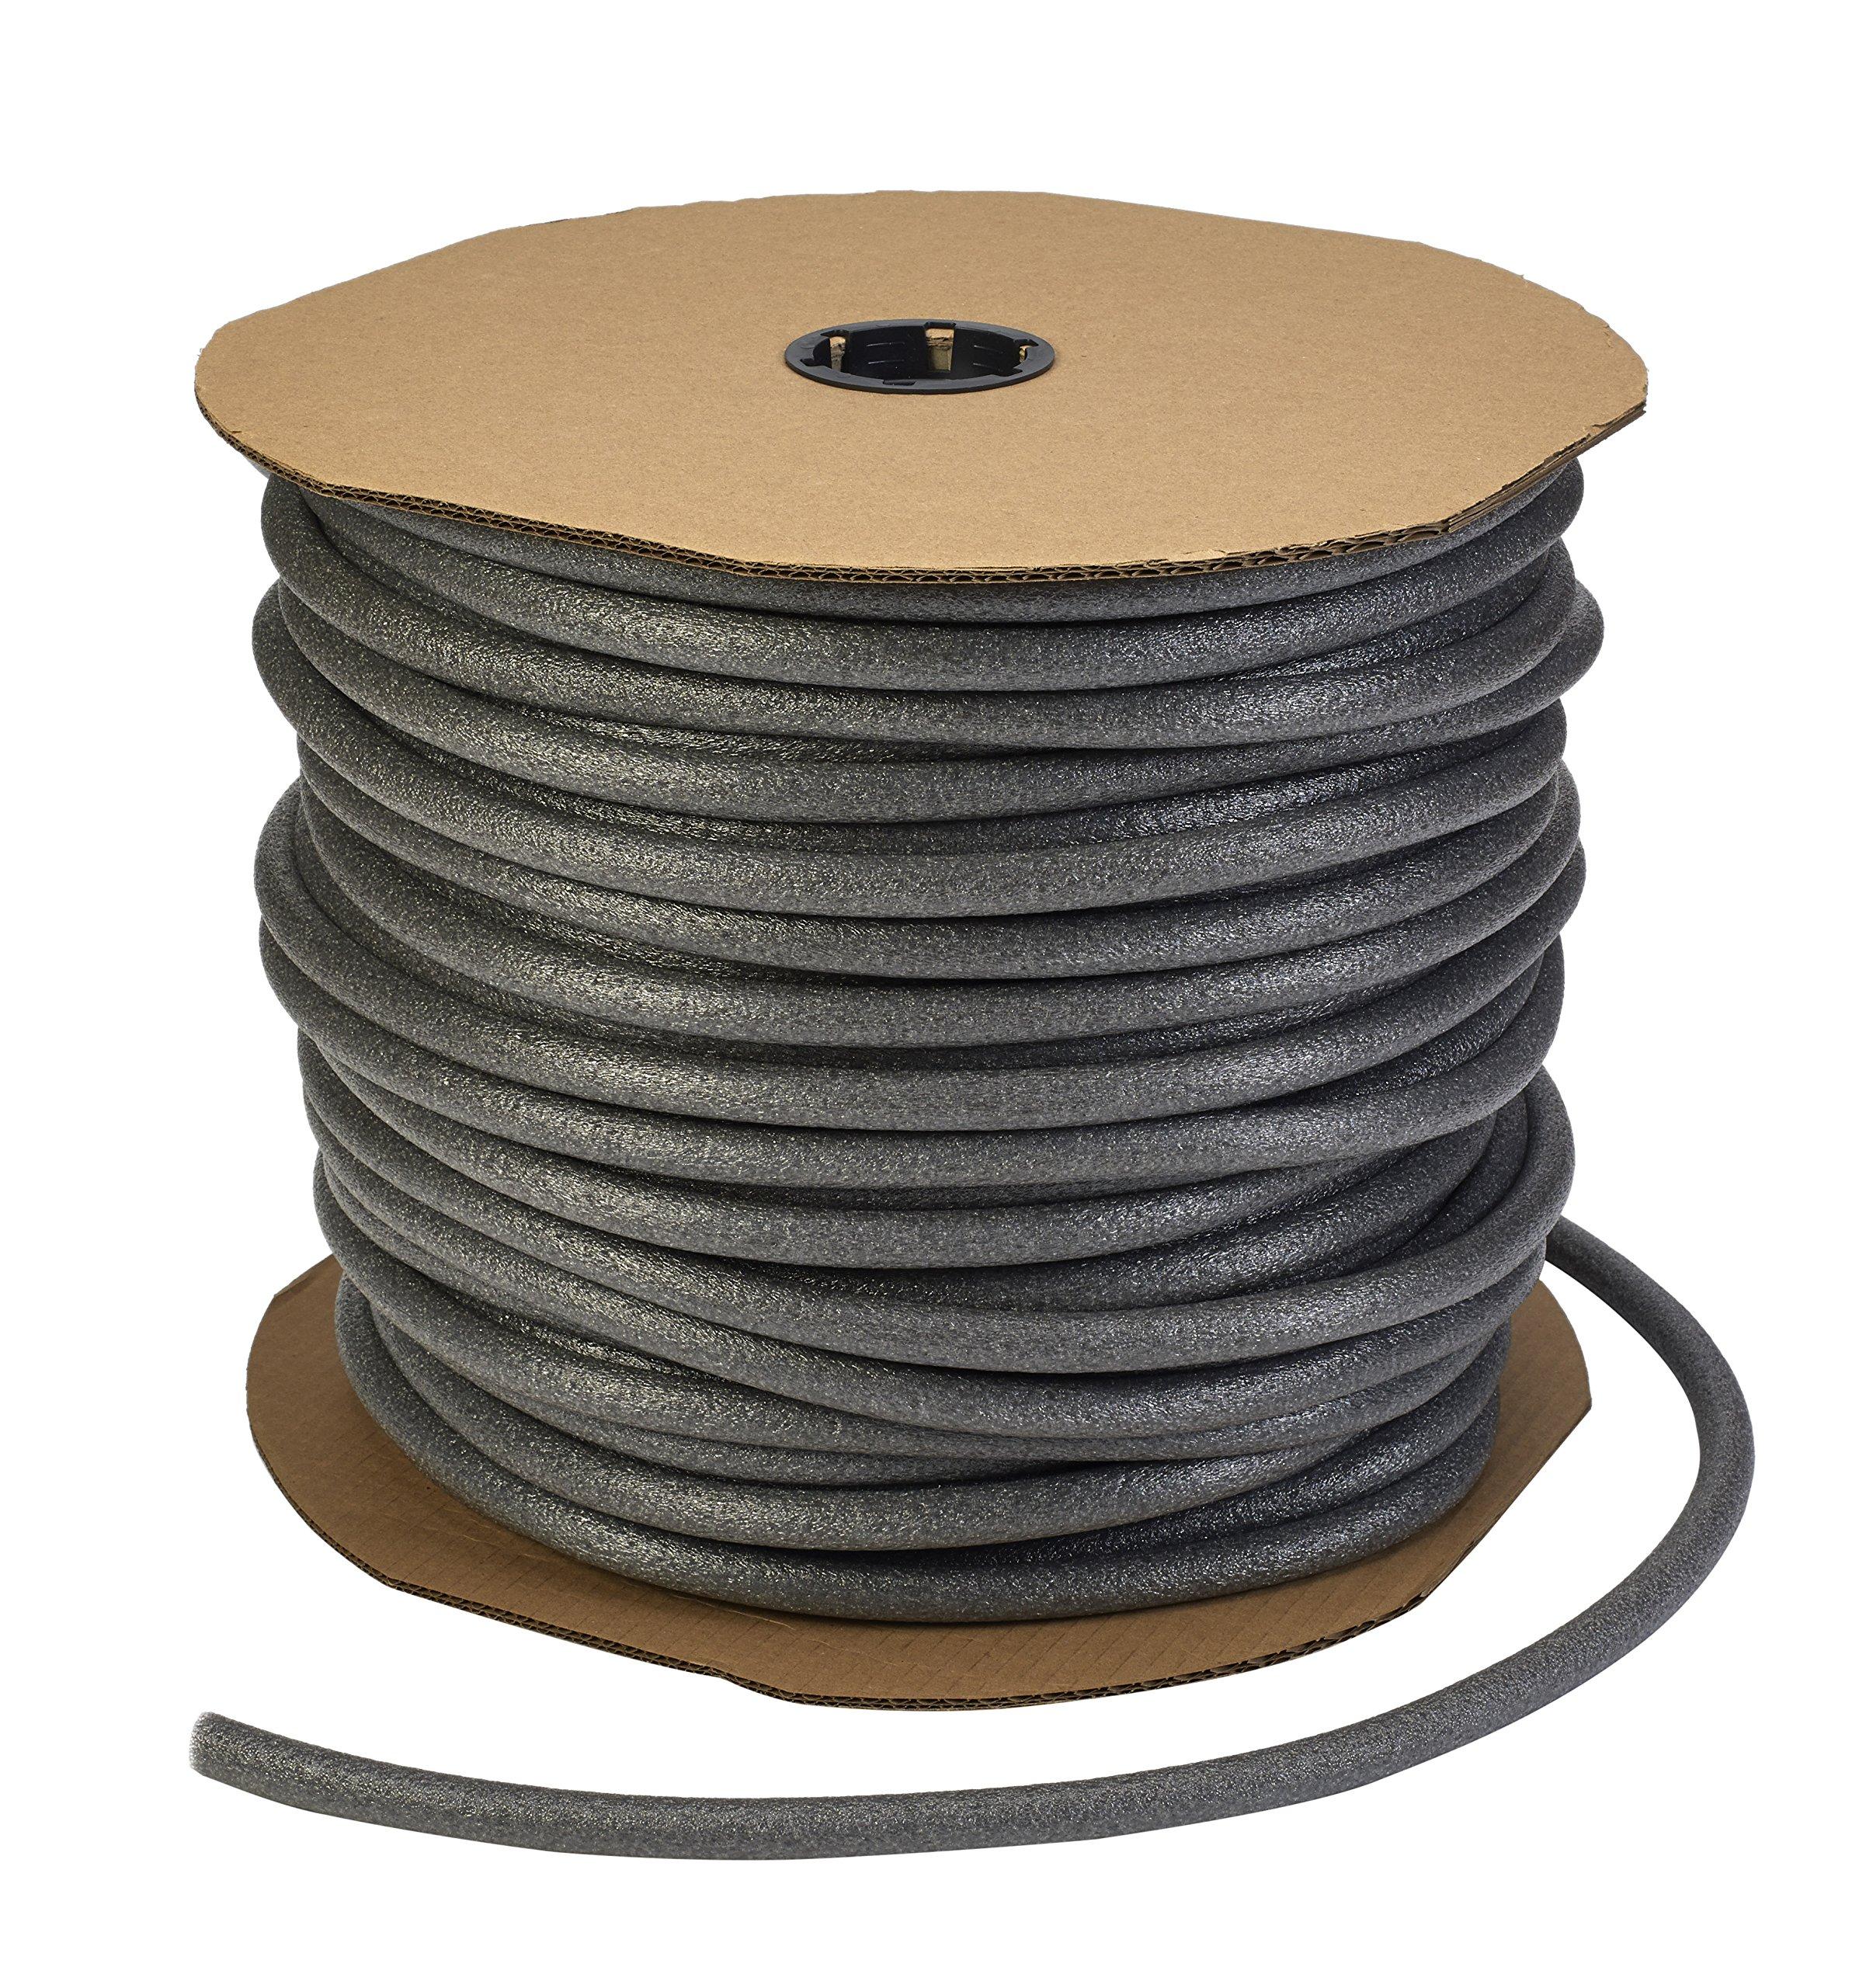 Mutual Industries 250-0-0 Standard Backer Rod, 4000 Linear Feet, 1/4''